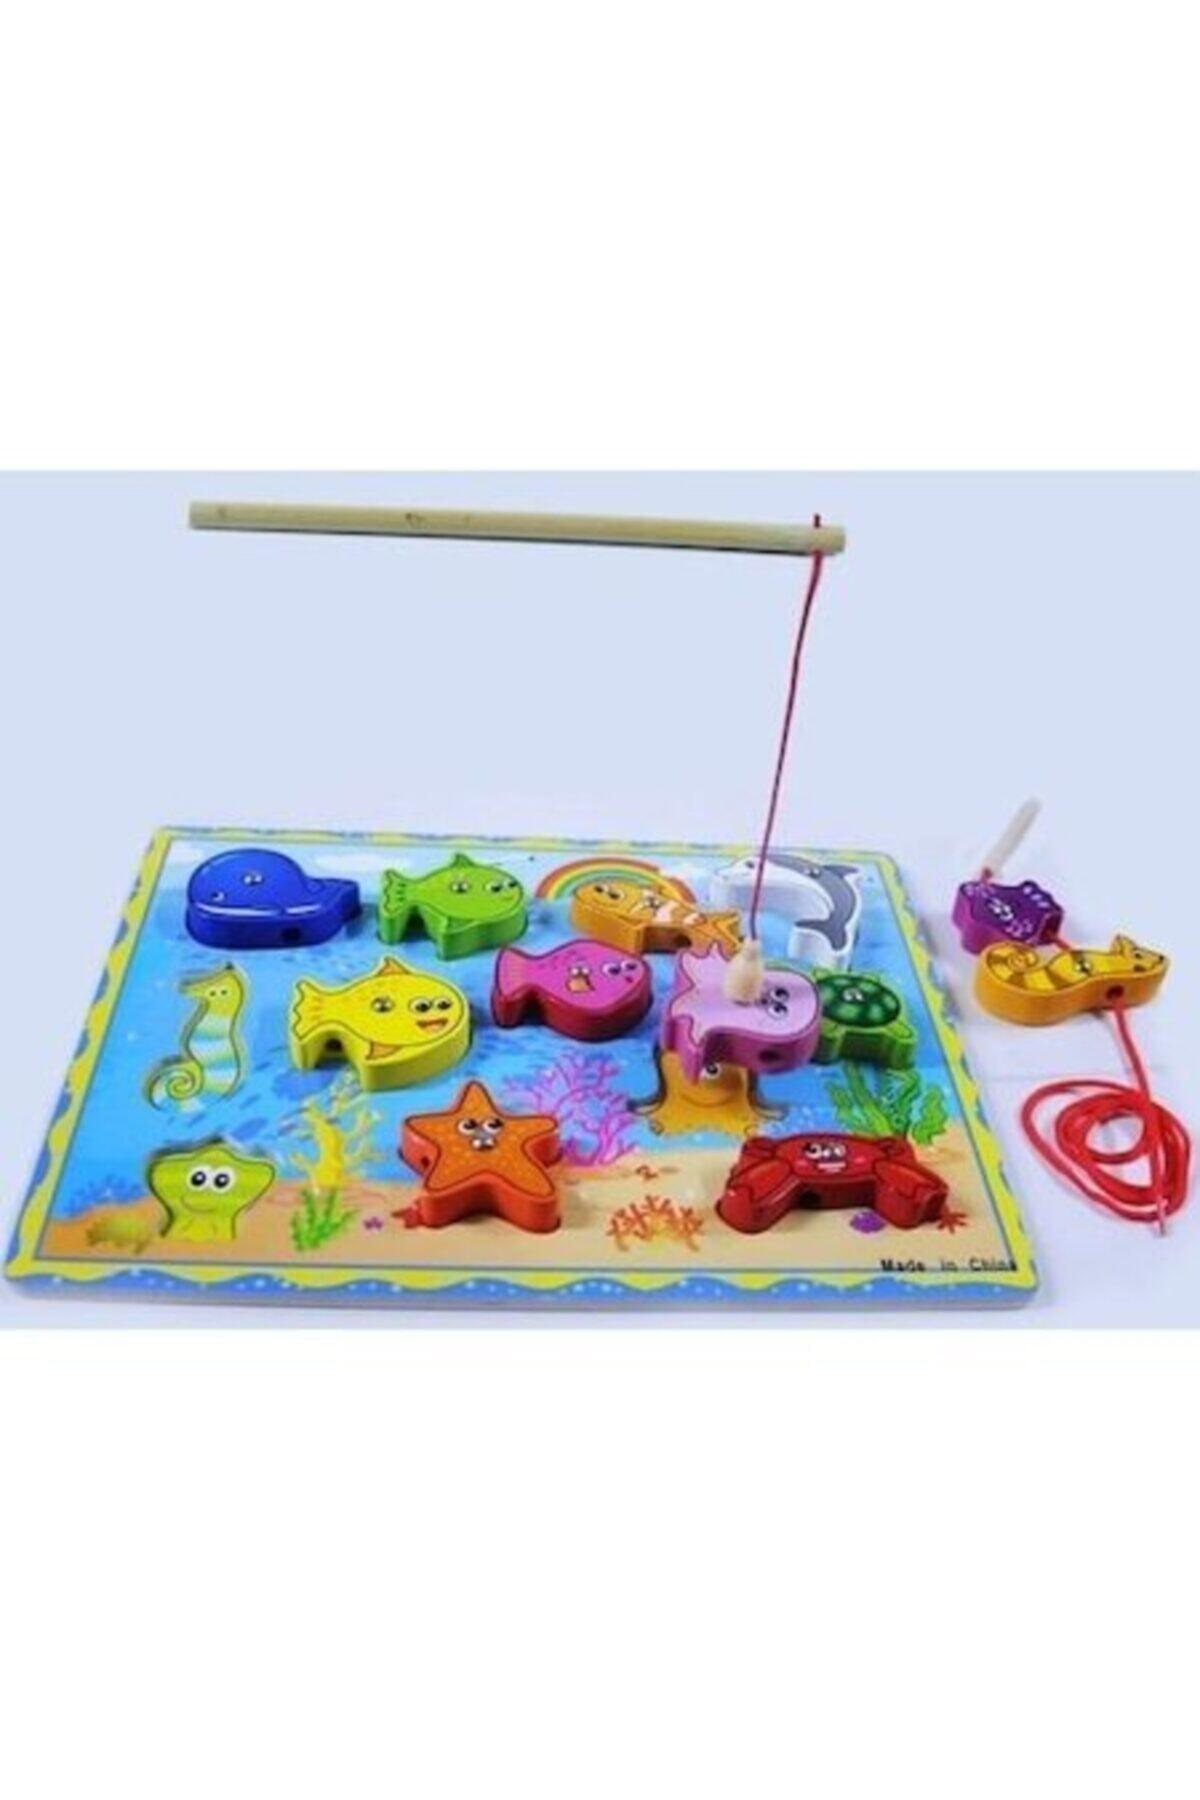 Wooden Toys Ahşap Balık Tutma Oyunu Ipe Dizme Bul Tak Eğitici Oyun 2